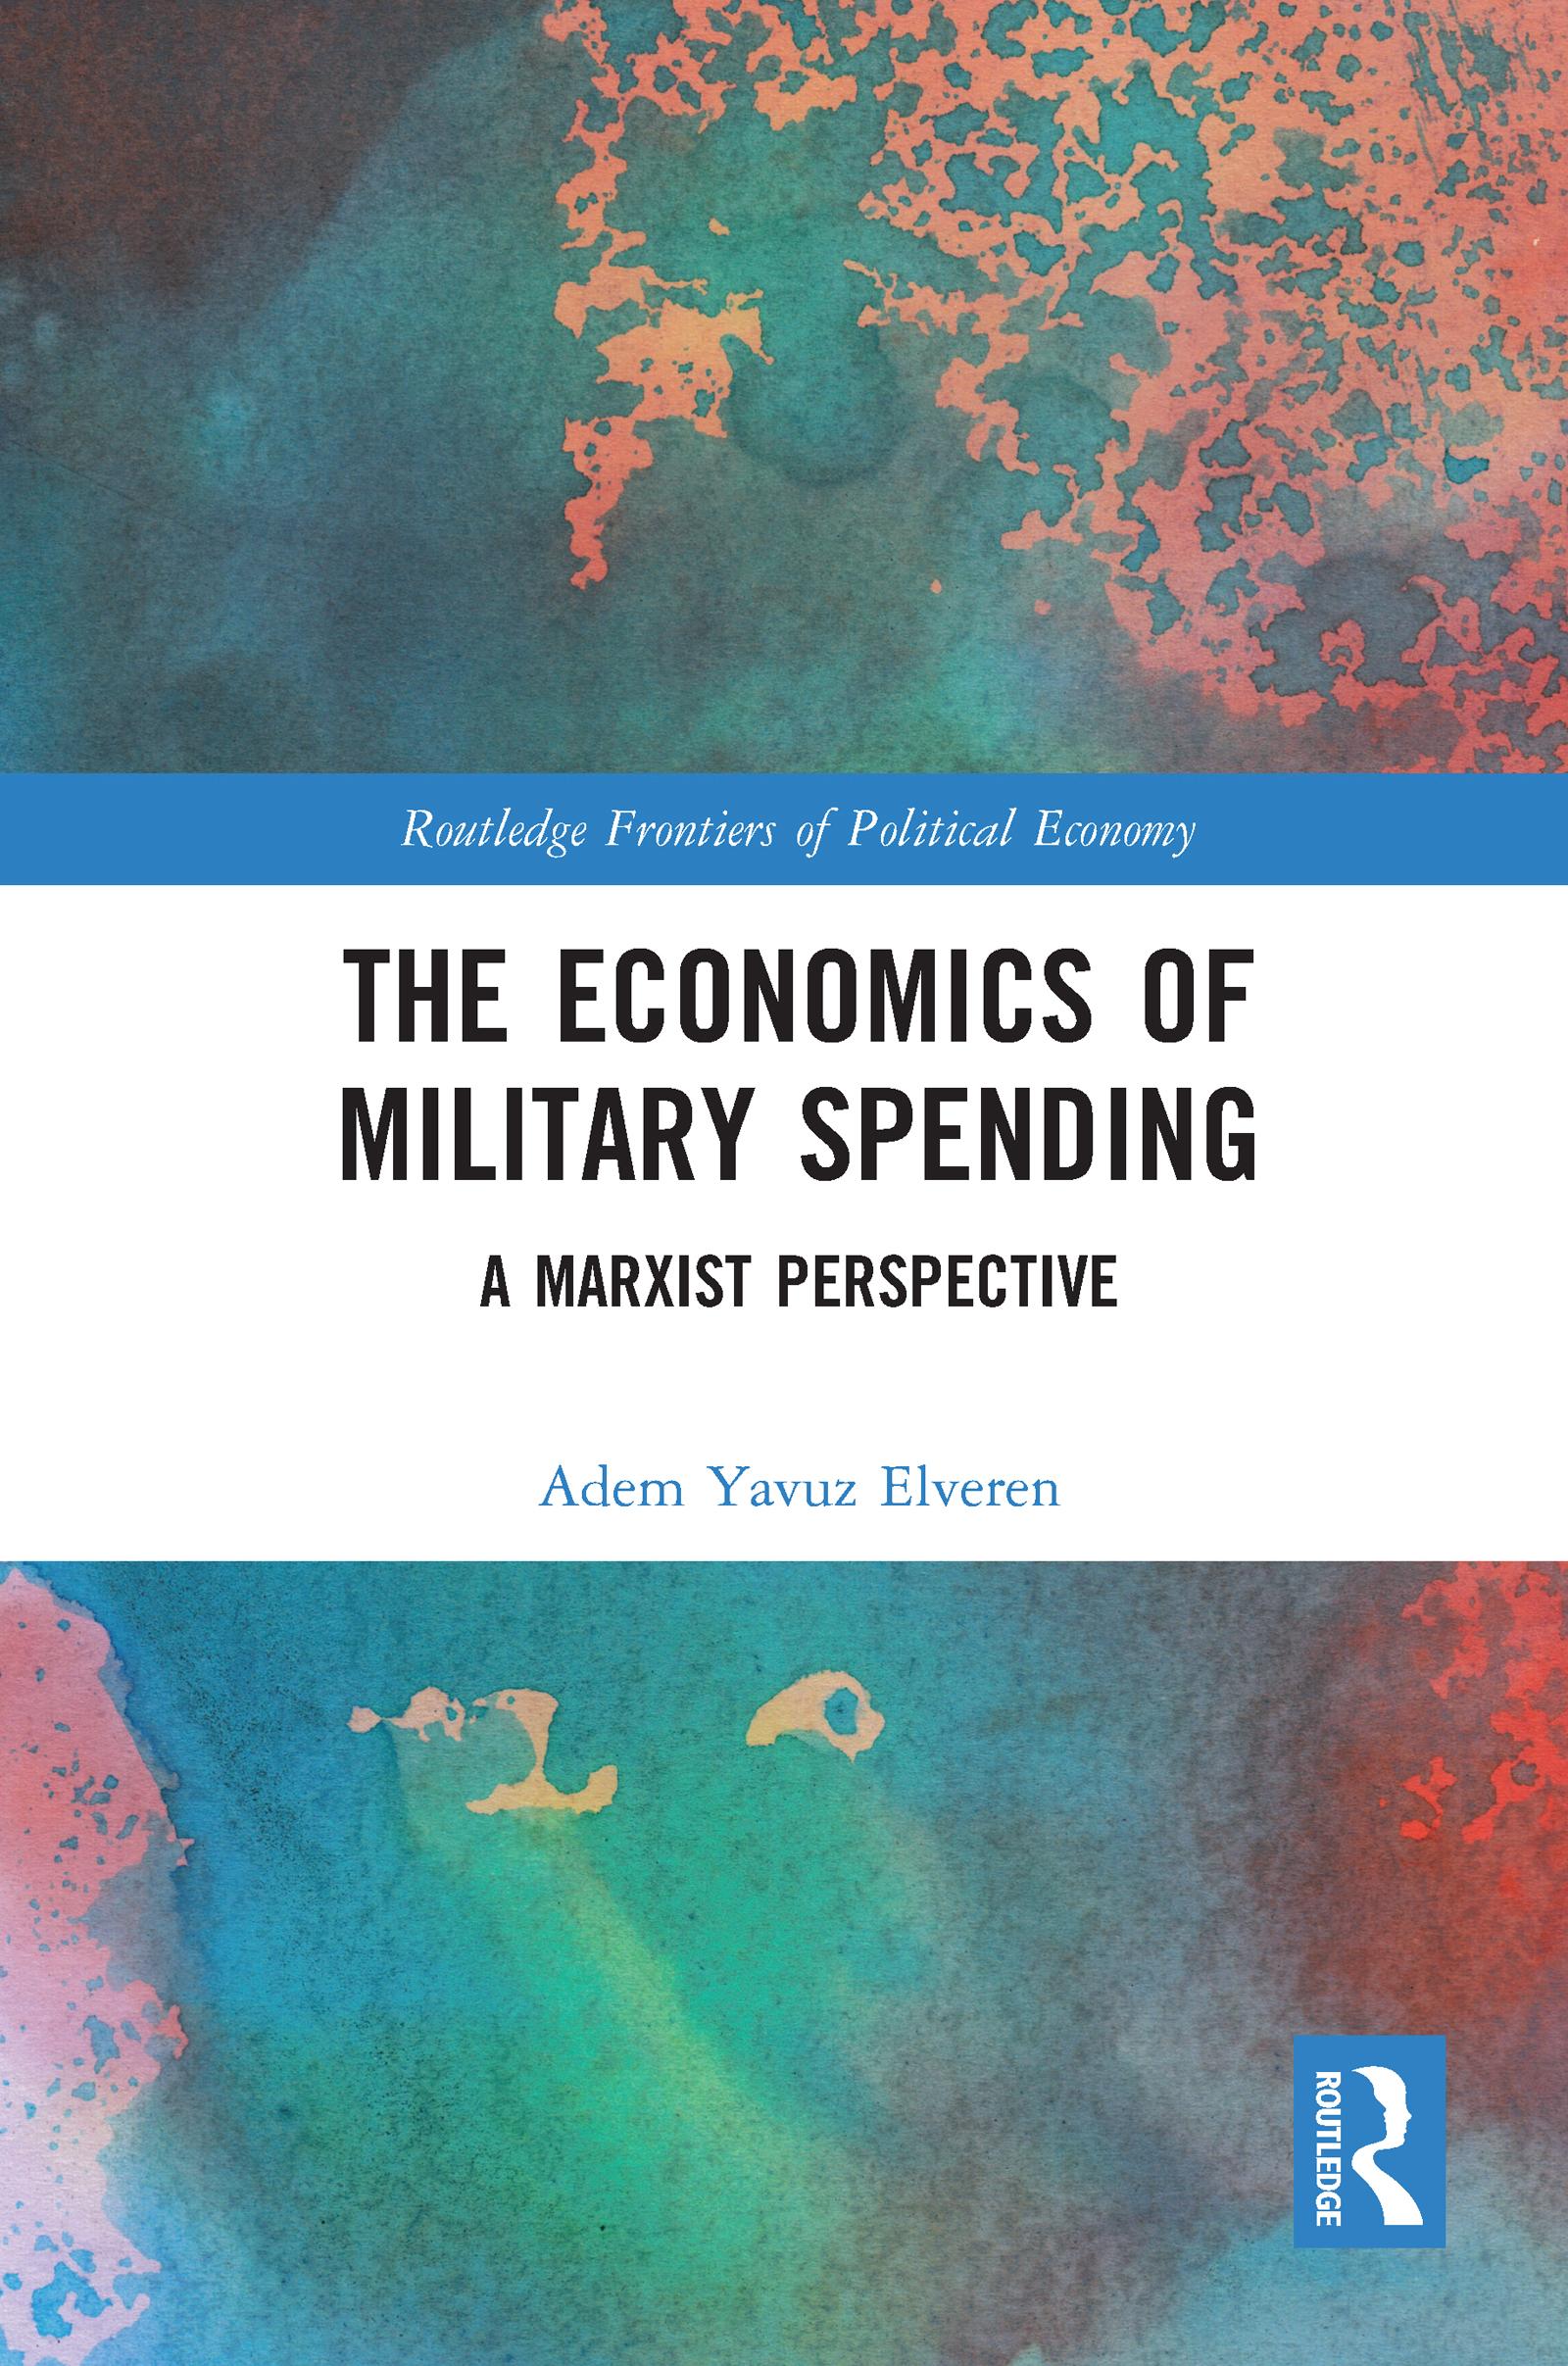 The Economics of Military Spending